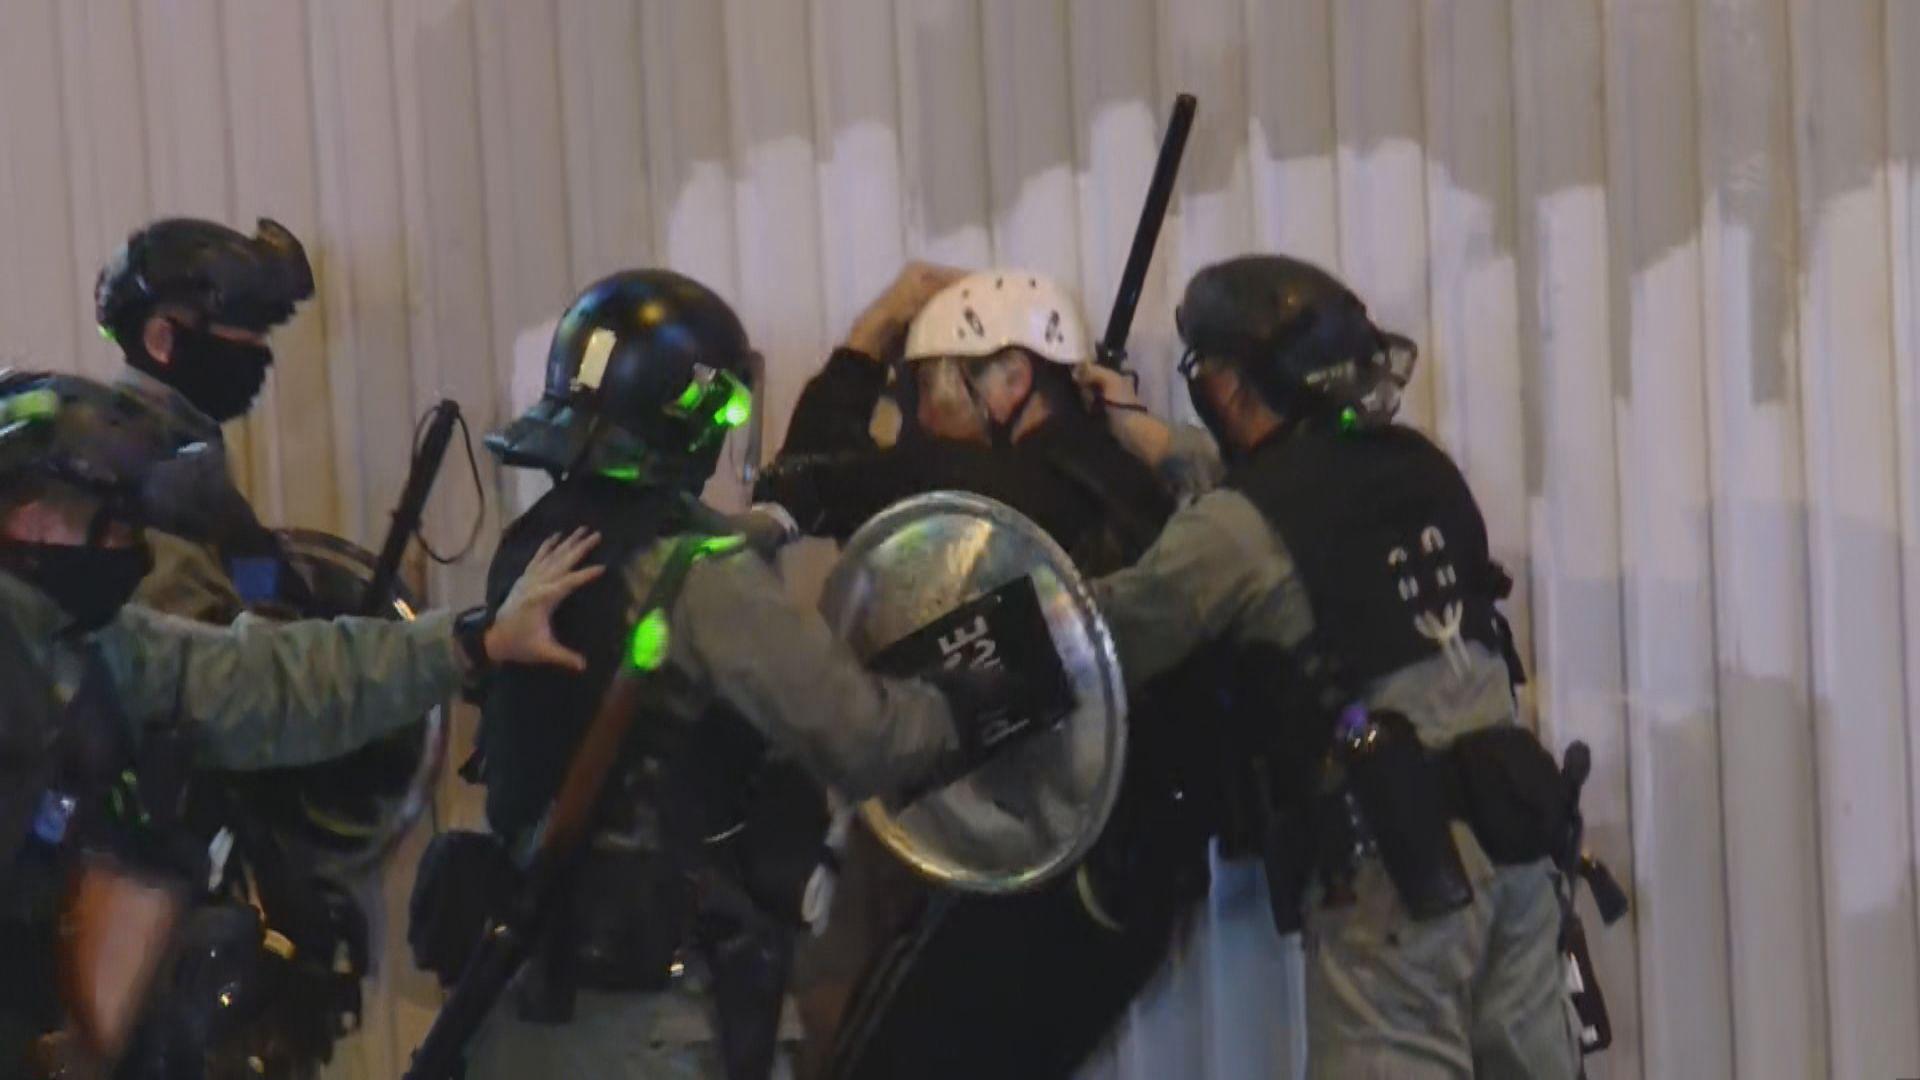 旺角有人堵路及縱火 一名網媒記者被警員制服帶走